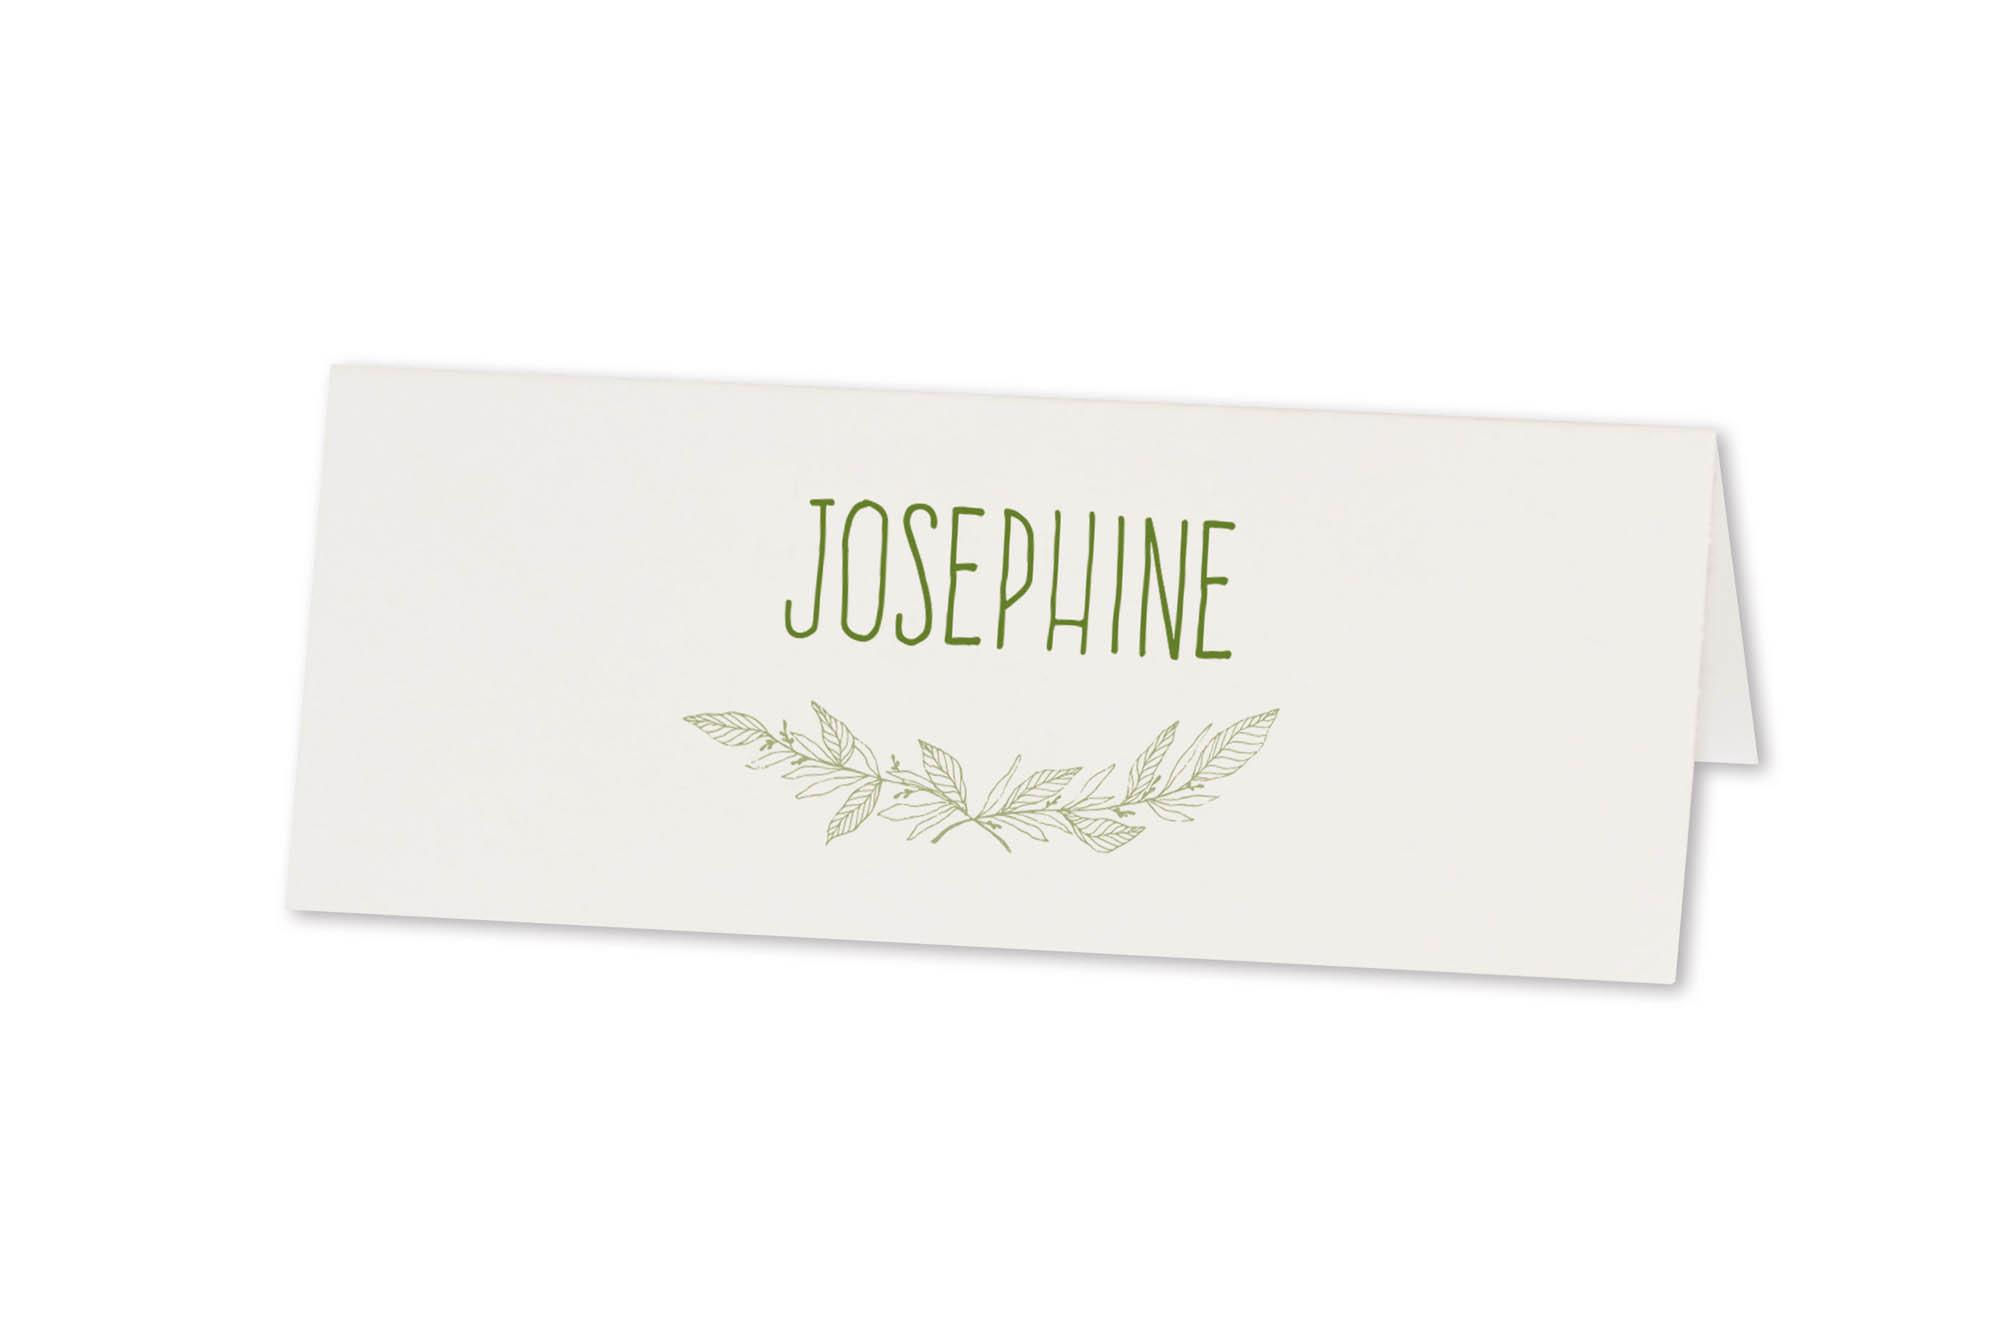 Weiße Tischkarte mit dezenten Blätterranken in grün